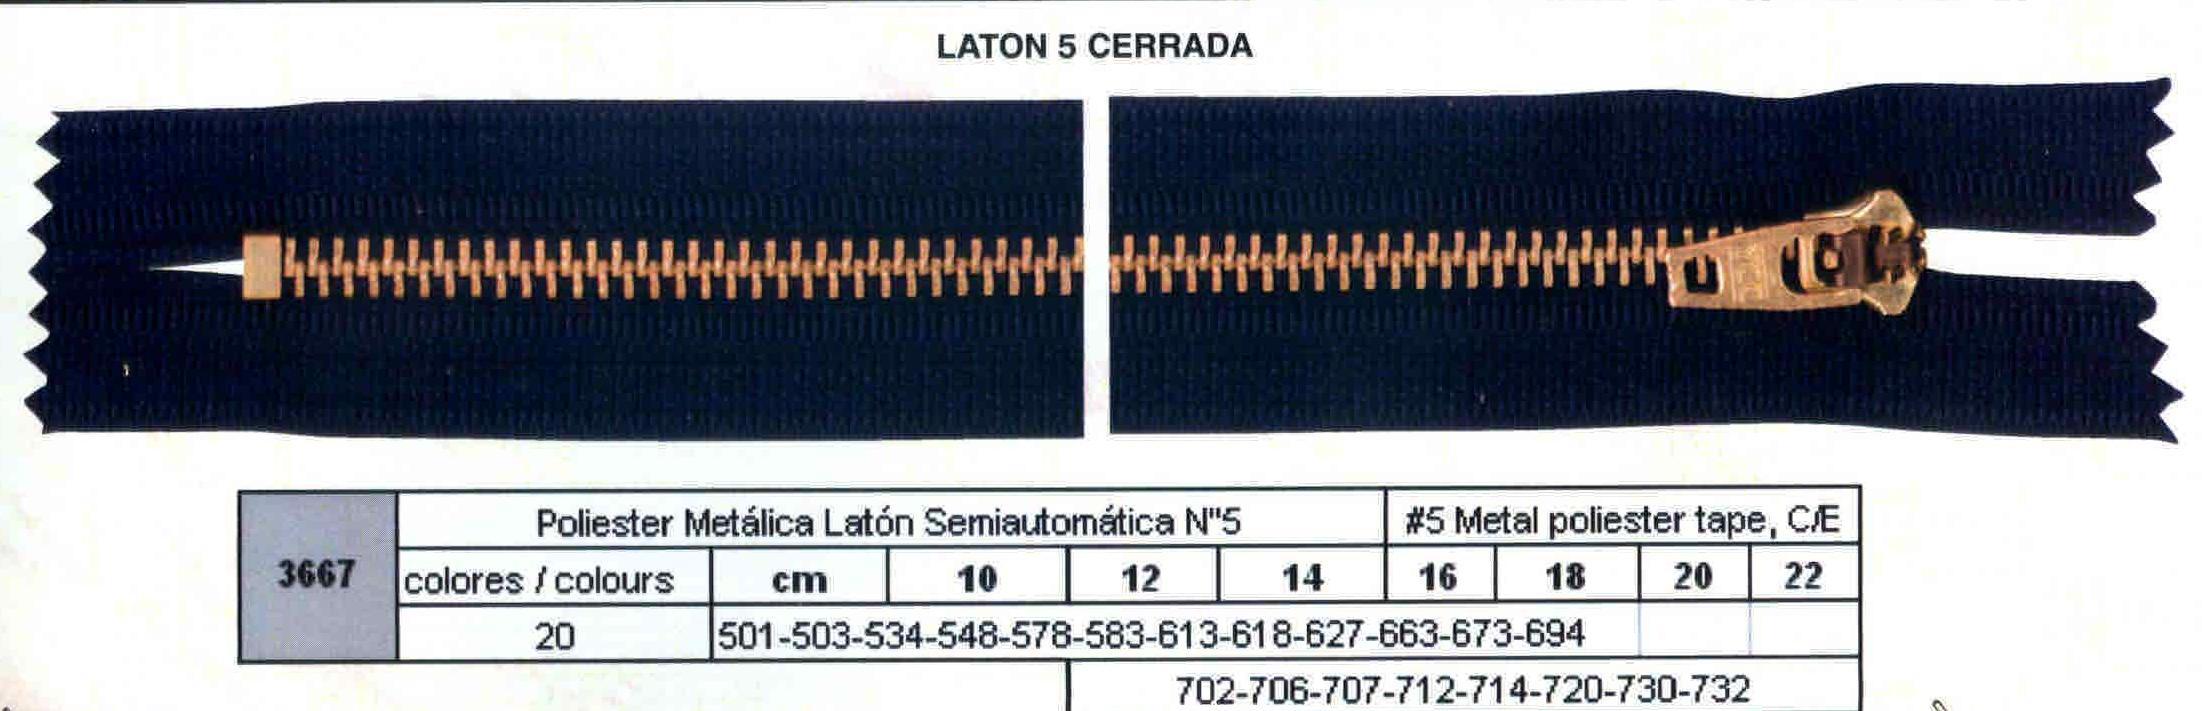 Cremallera SNS Poliester Metálica Latón Semiautomática num. 5